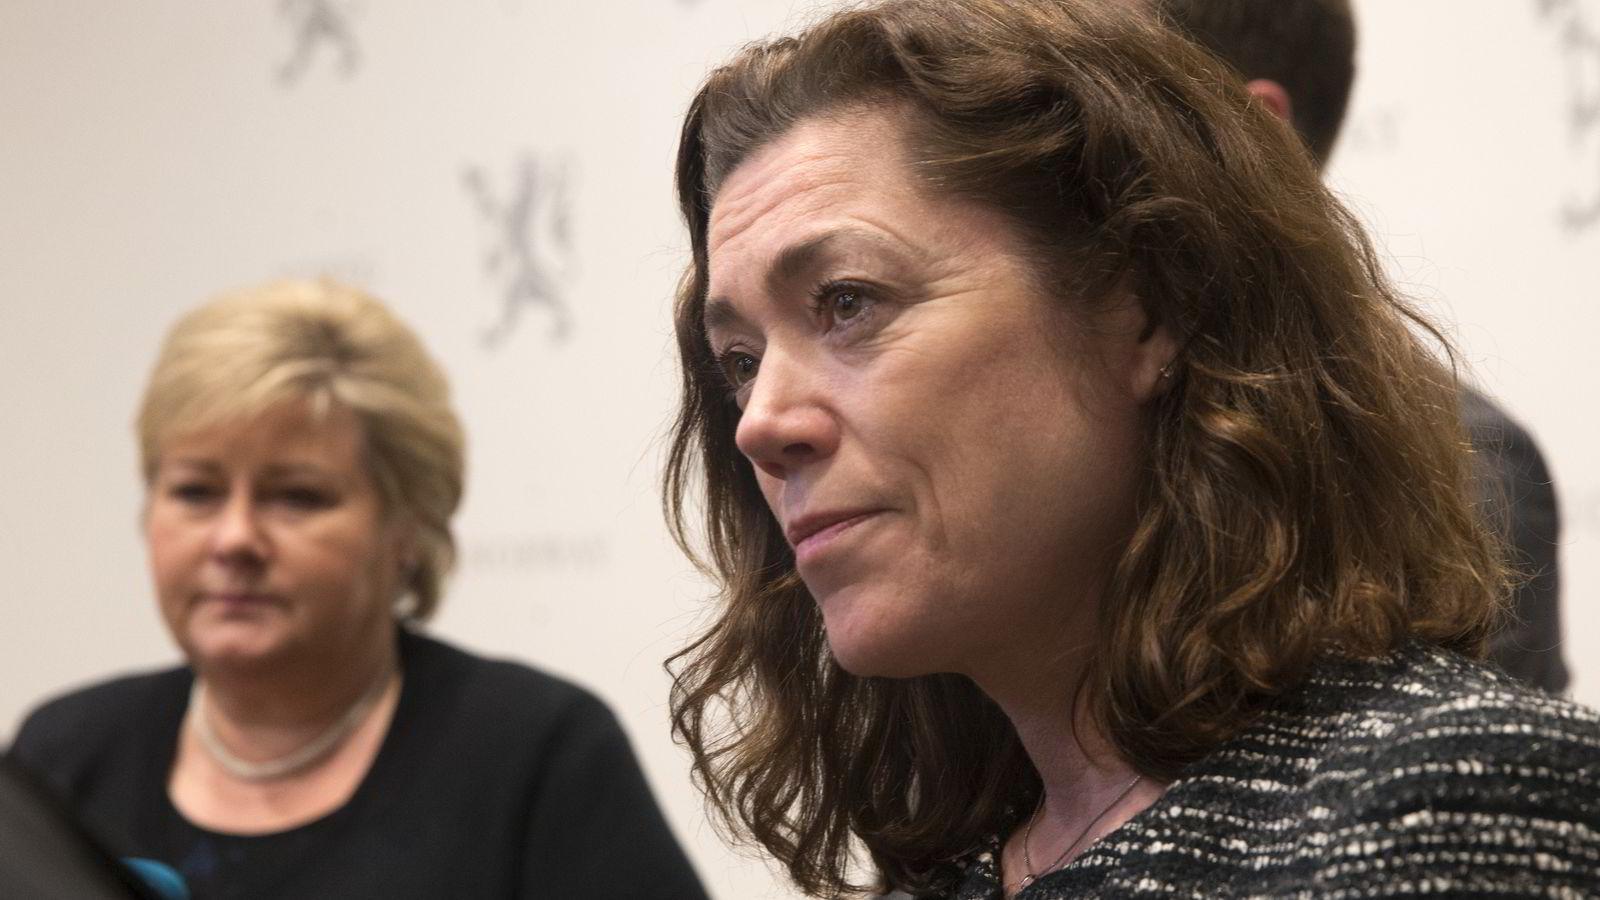 NHO-sjef Kristin Skogen Lund (til høyre) ber statsminister Erna Solberg om å utvide permitteringsperioden til opp mot 52 uker. Foto: Terje Bendiksby/